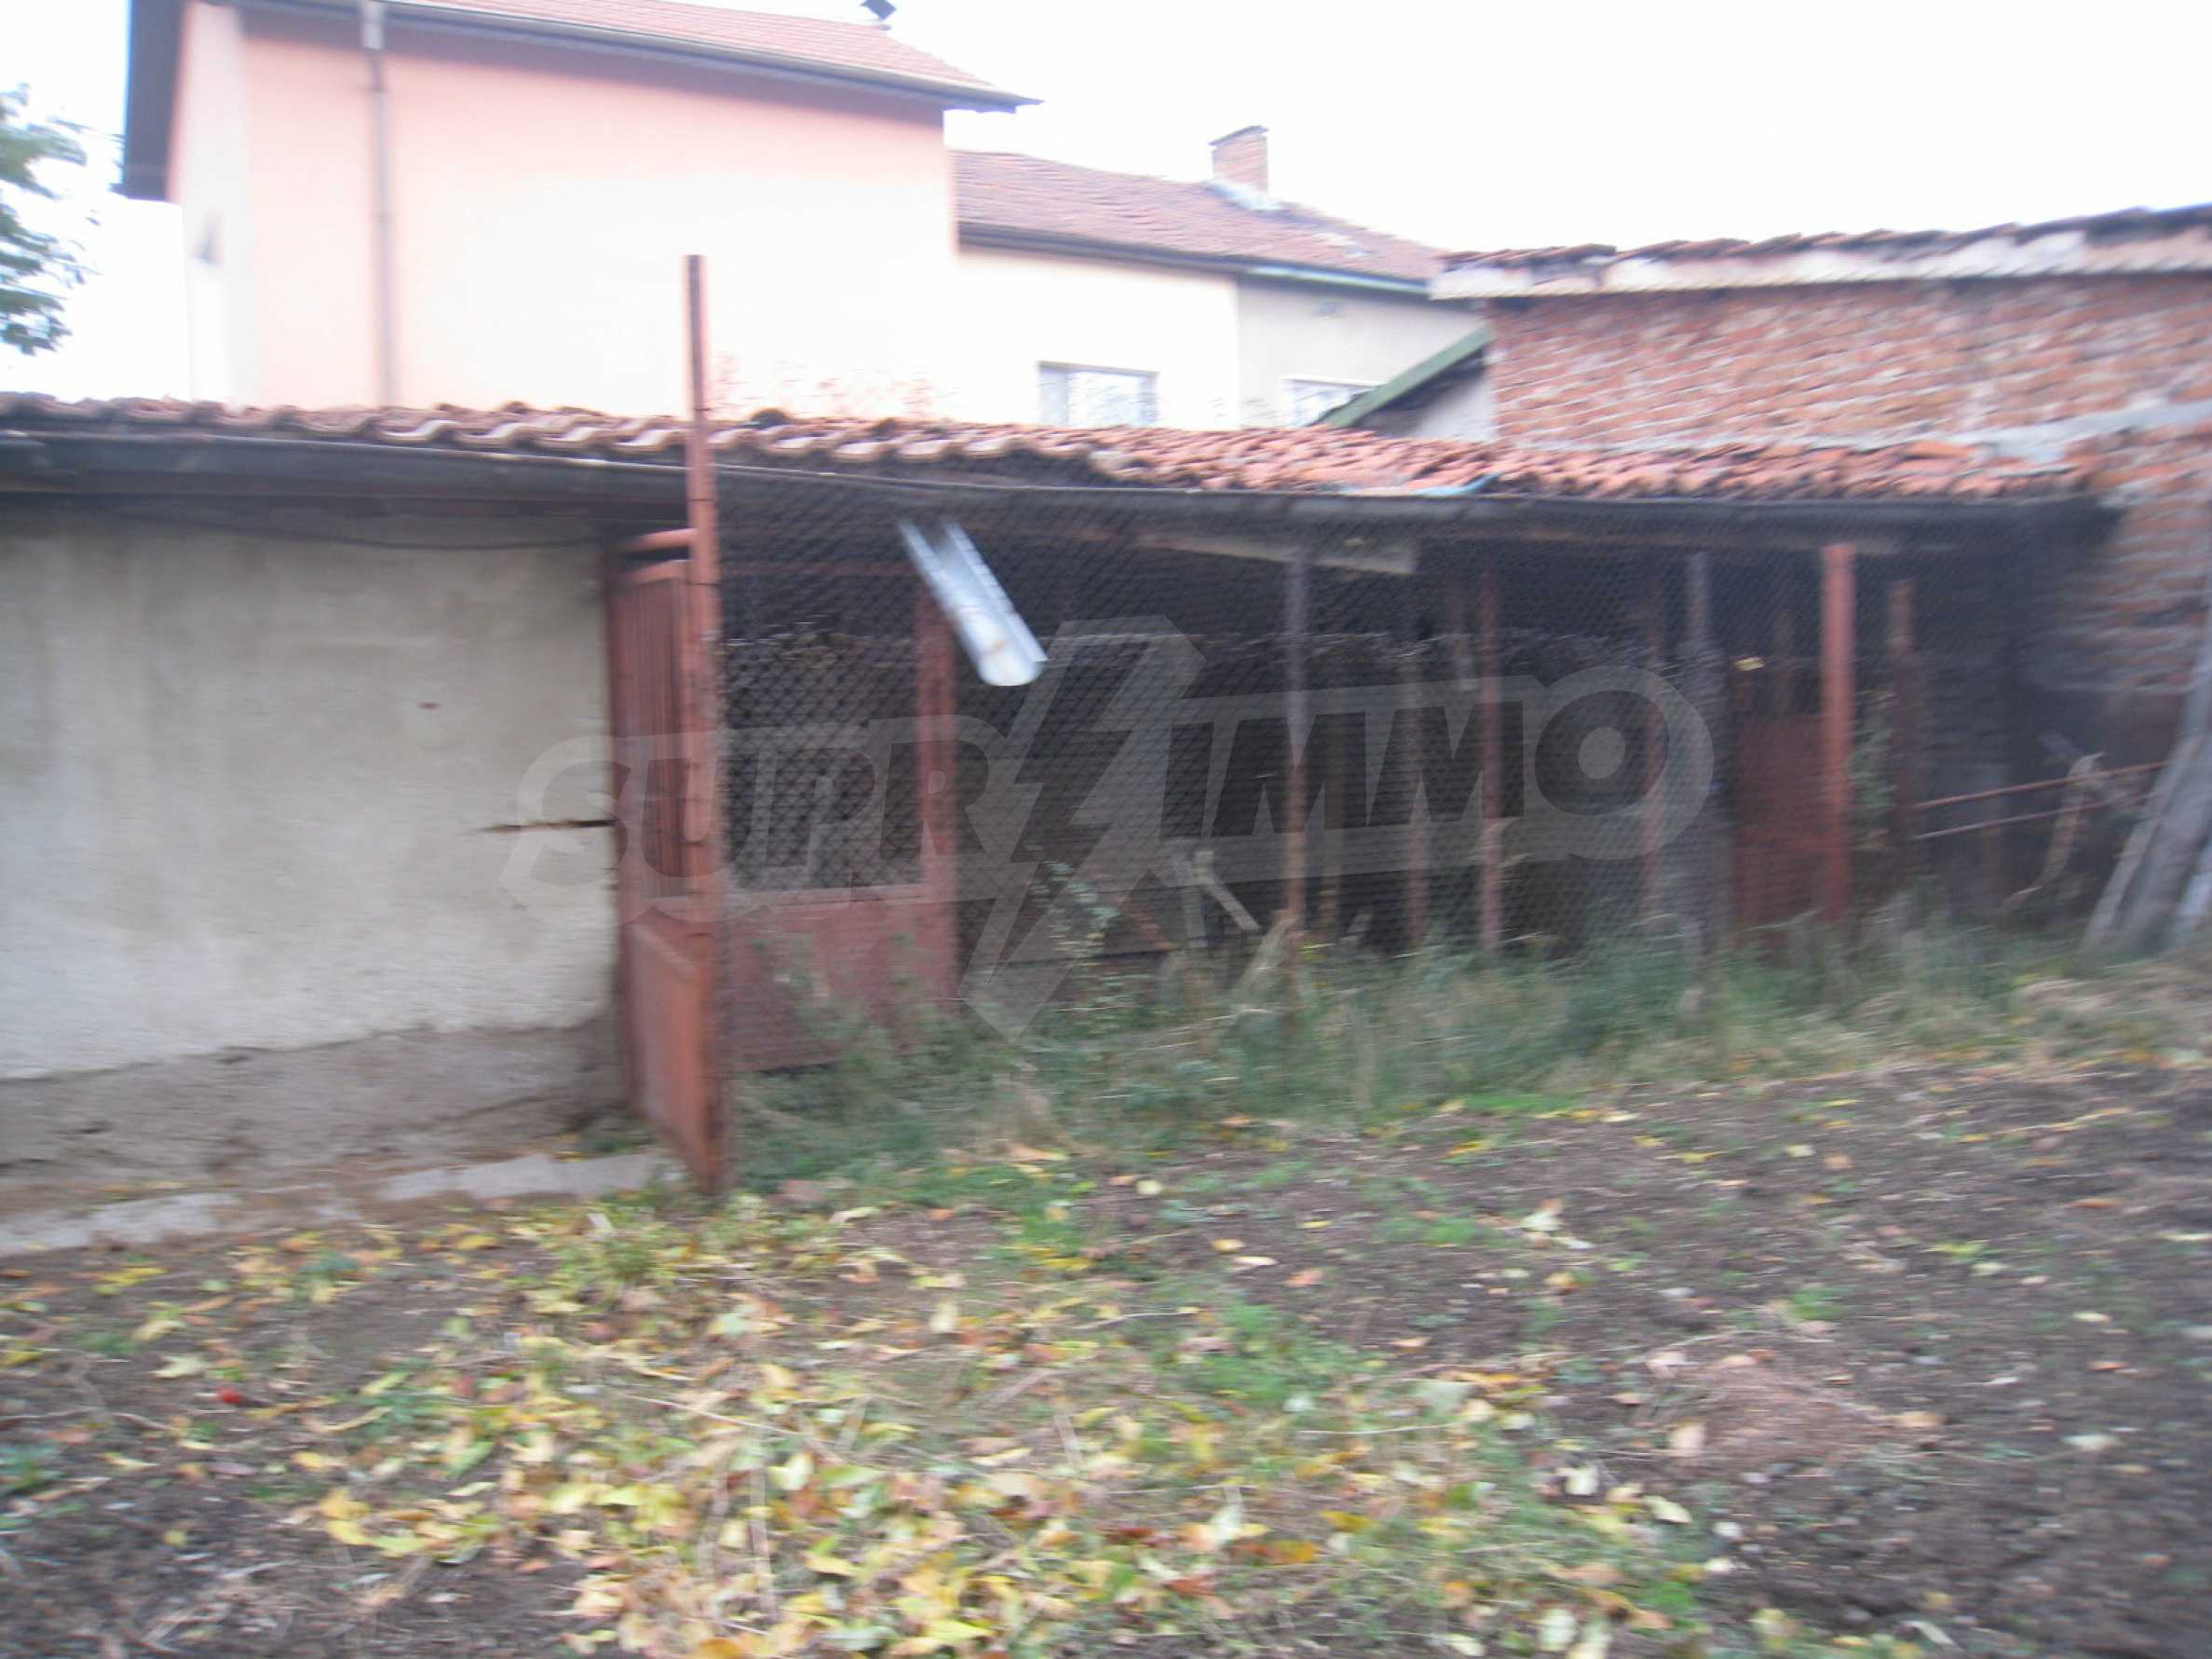 Großes zweistöckiges Haus mit Hof in einem Dorf in der Nähe von Sofia 59